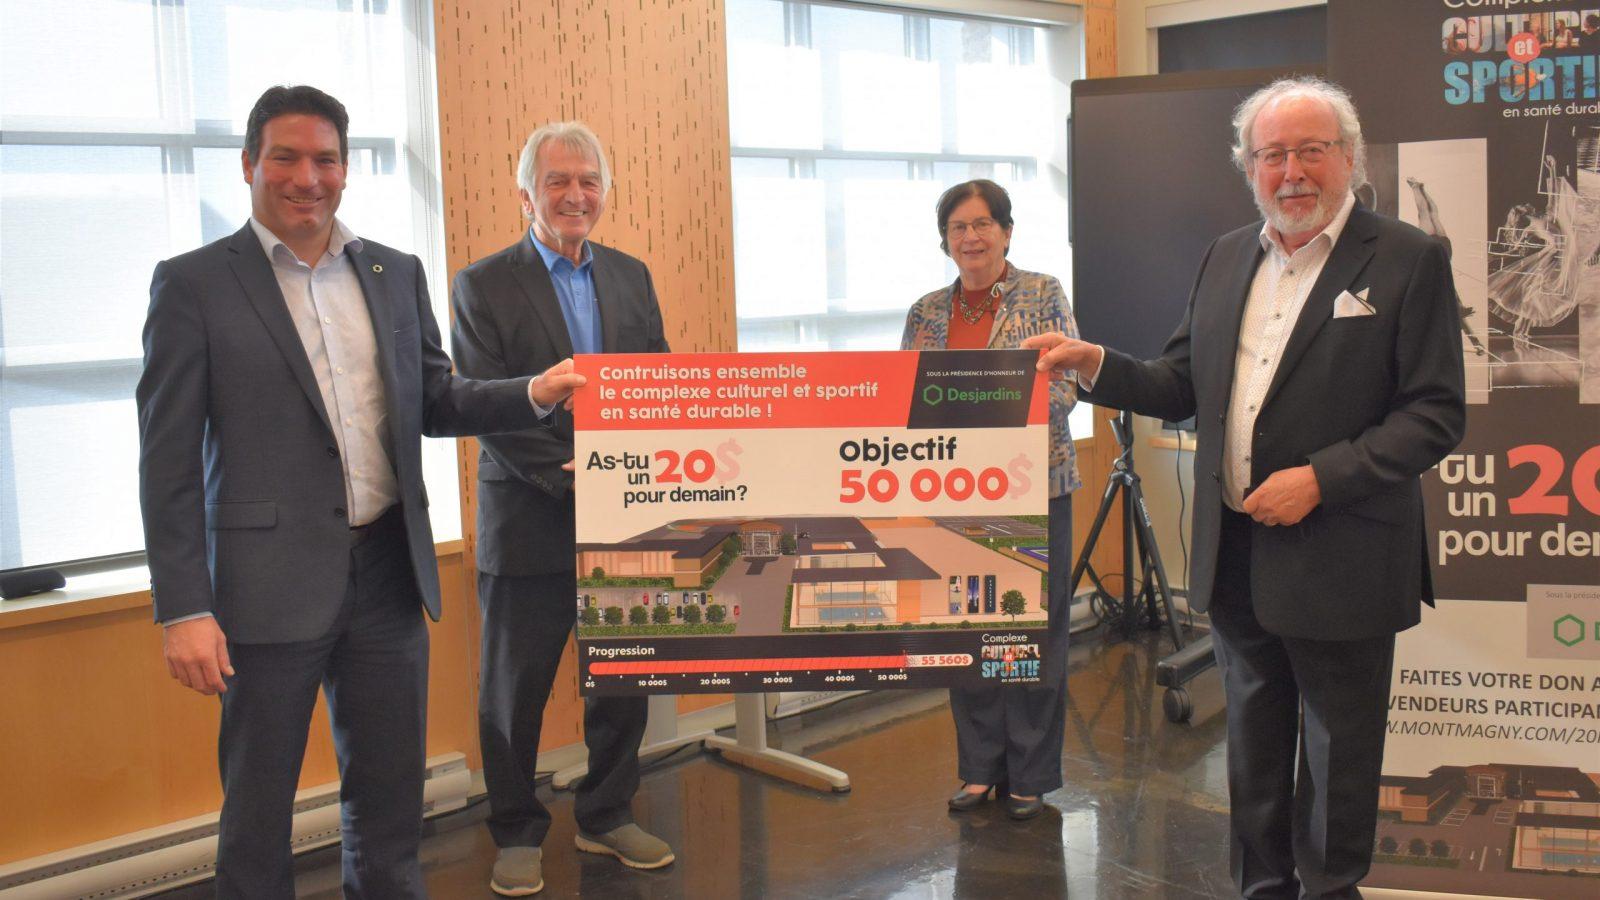 Complexe culturel et sportif en santé durable: 56 000 $ amassés par la campagne citoyenne